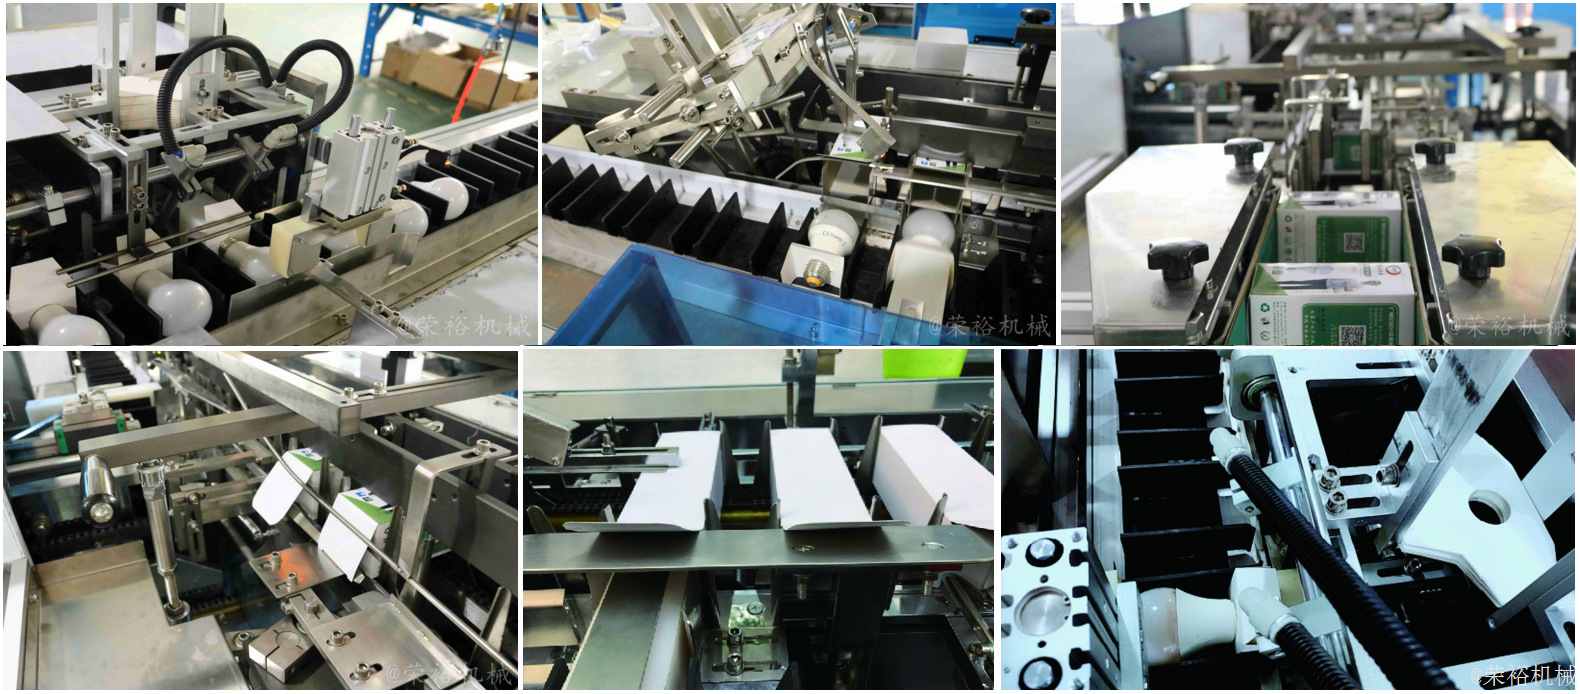 荣裕智能口罩装盒机 RY-ZNKZ-120 自动包装生产线厂家 质量保证示例图128